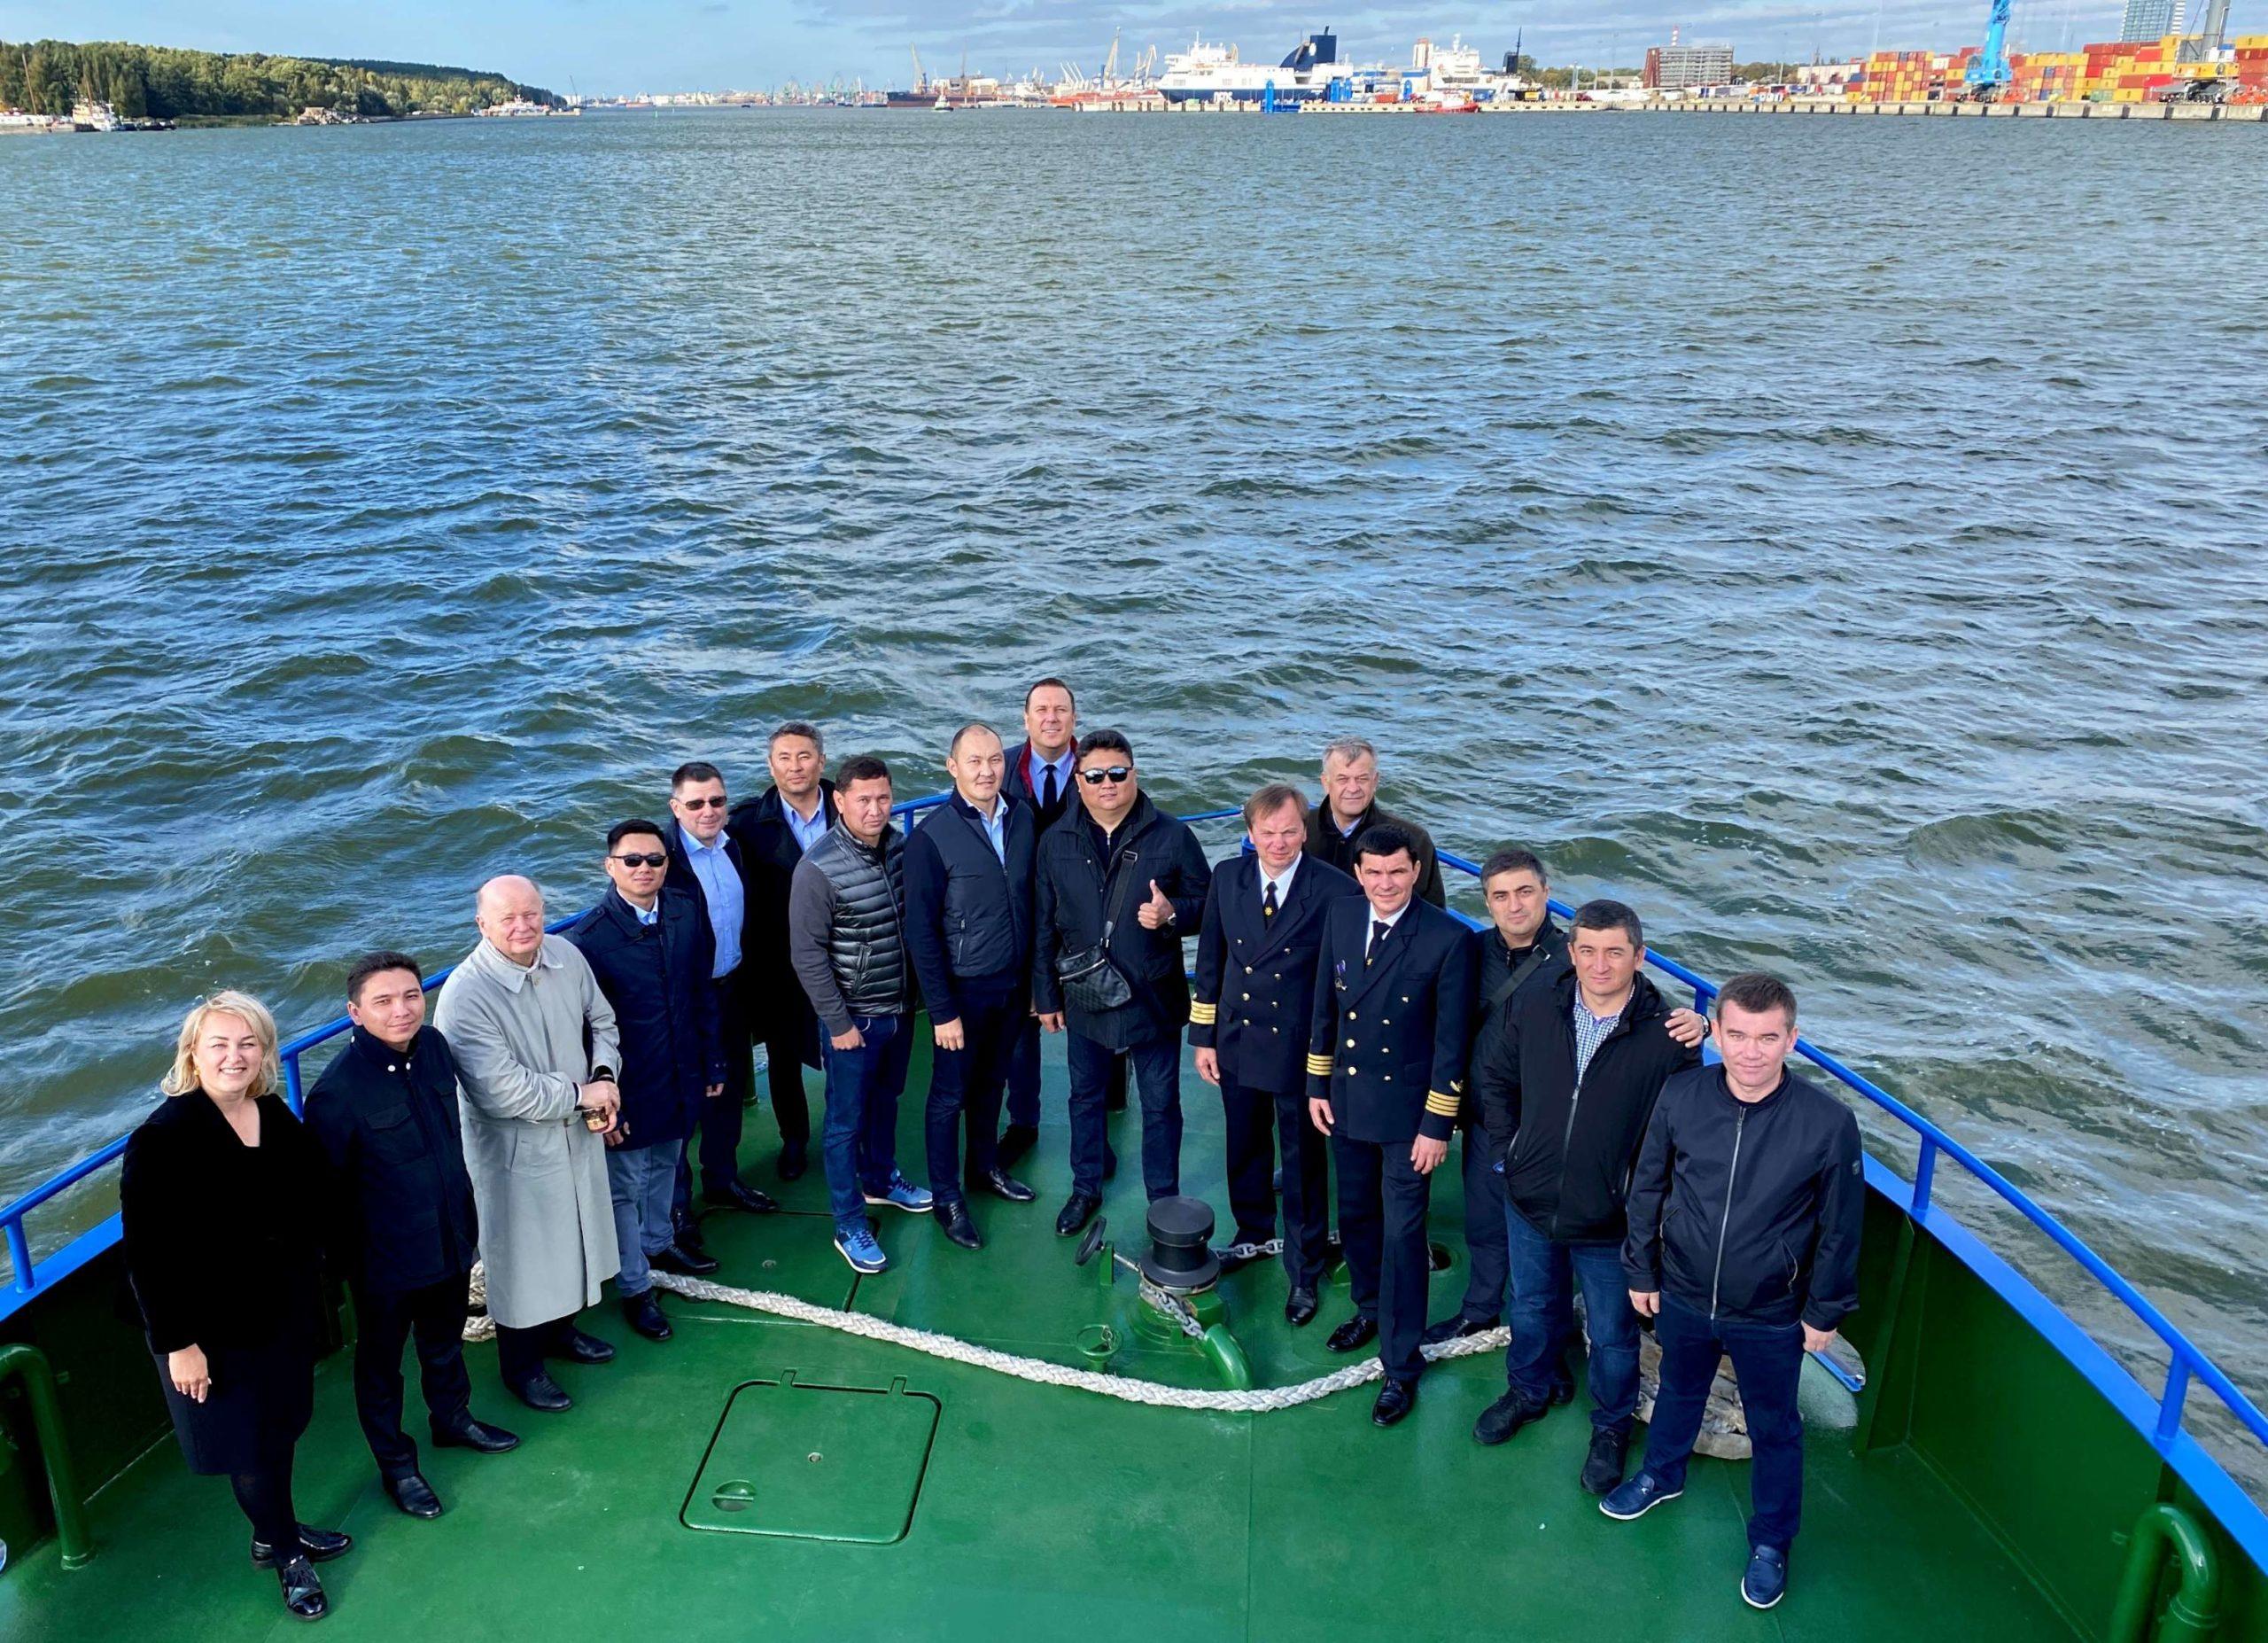 Klaipėdos uoste – svečiai iš Kazachstano ir Uzbekistano   rengėjų nuotr.